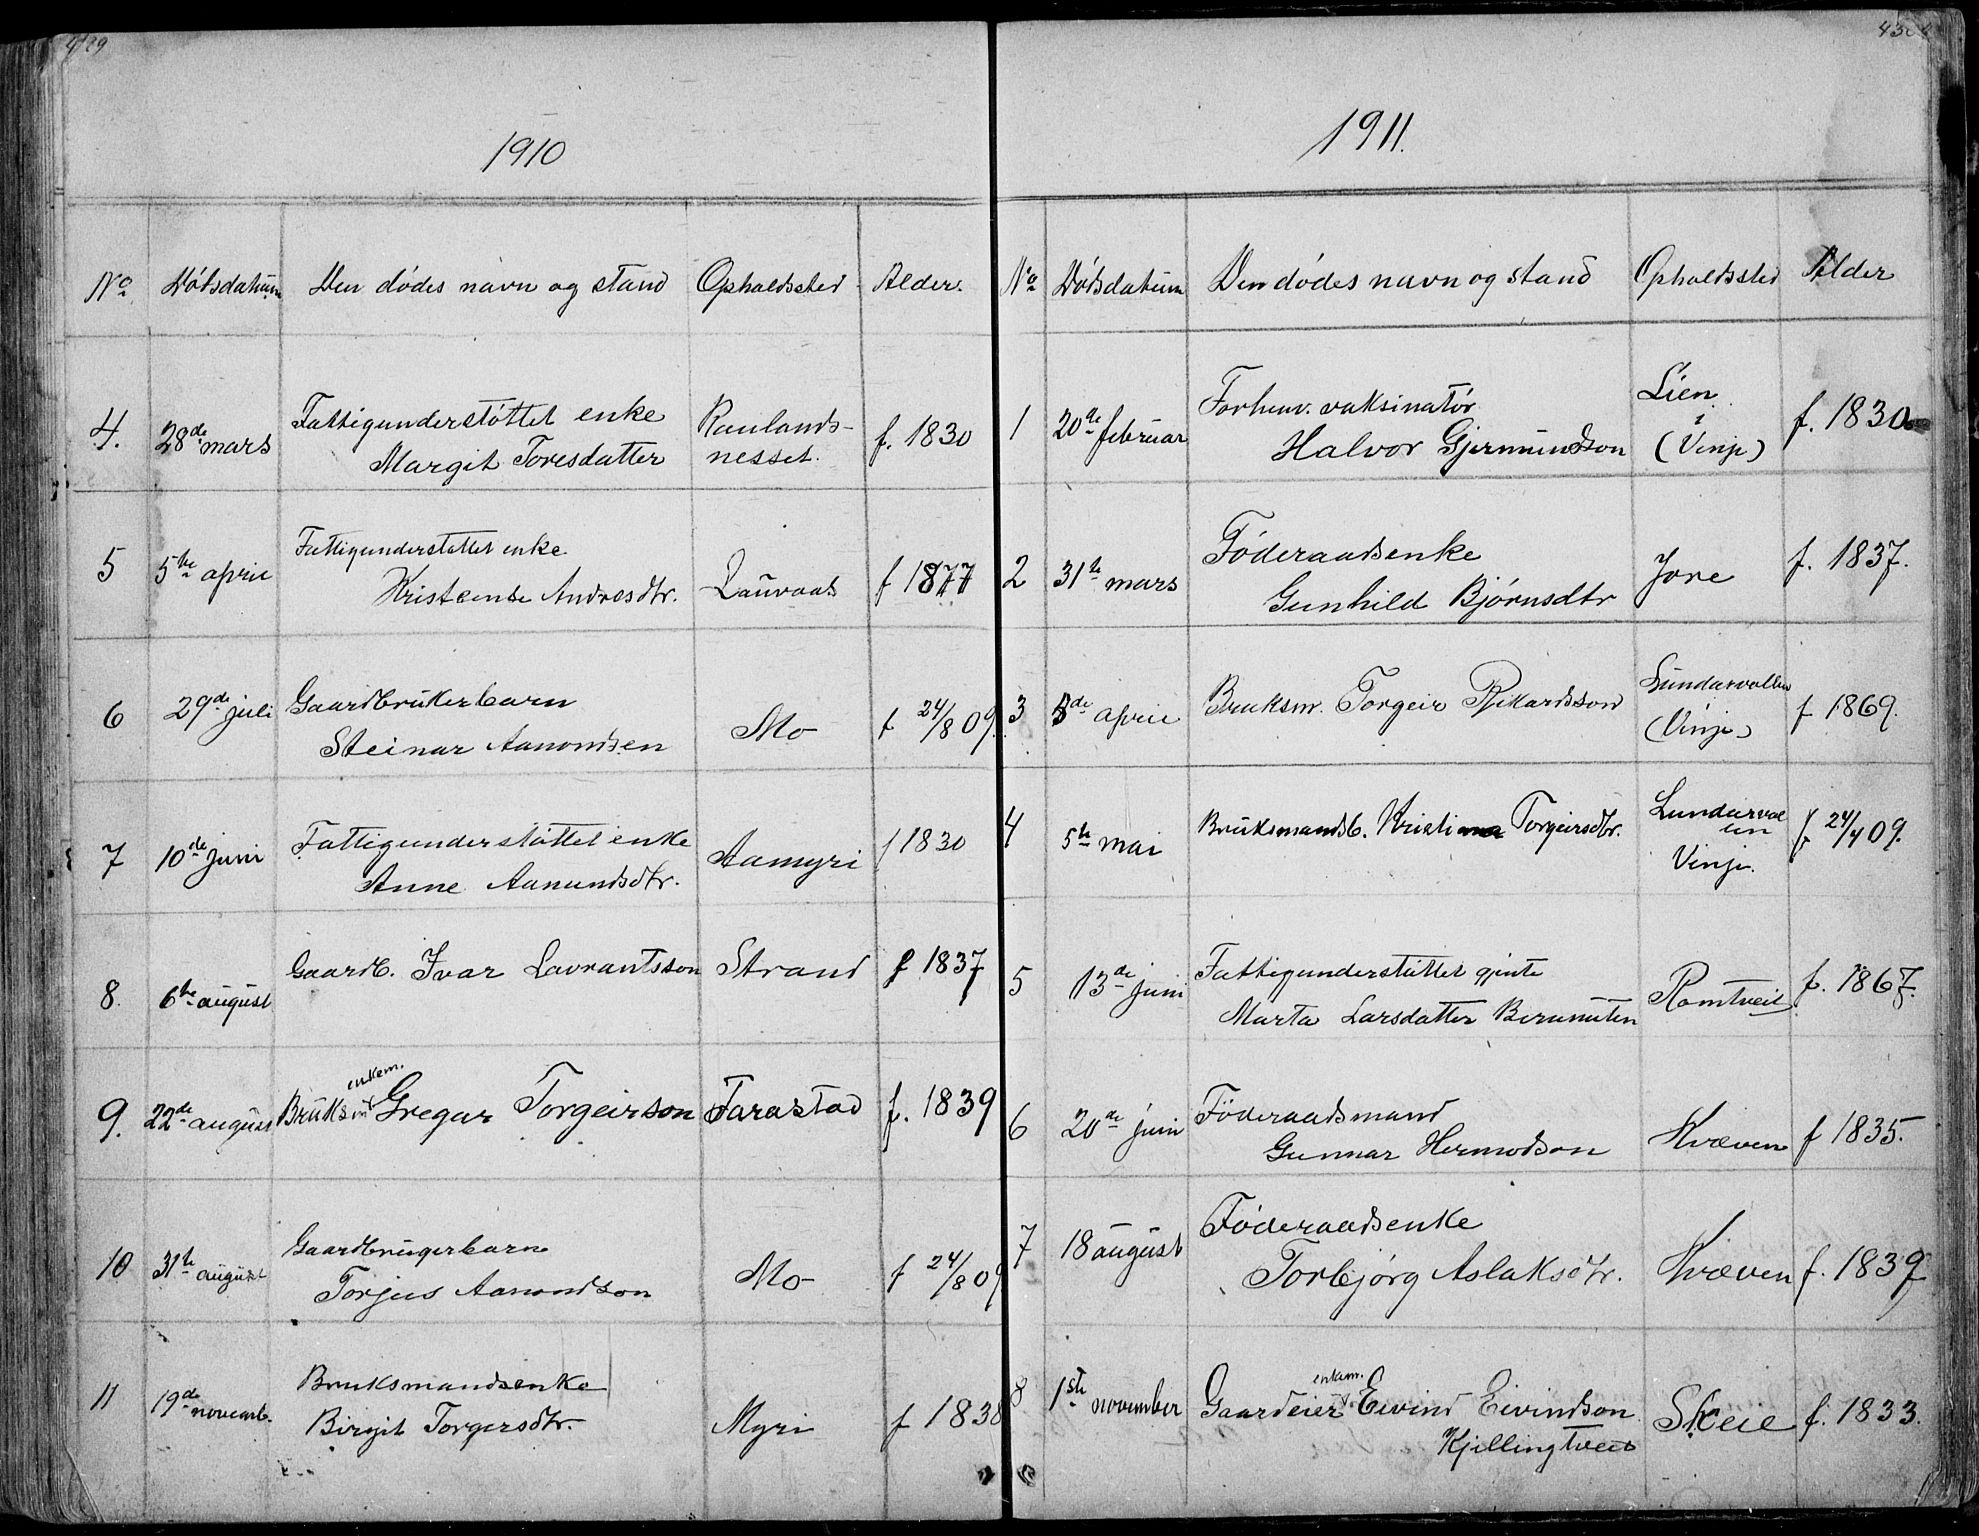 SAKO, Rauland kirkebøker, G/Ga/L0002: Klokkerbok nr. I 2, 1849-1935, s. 429-430